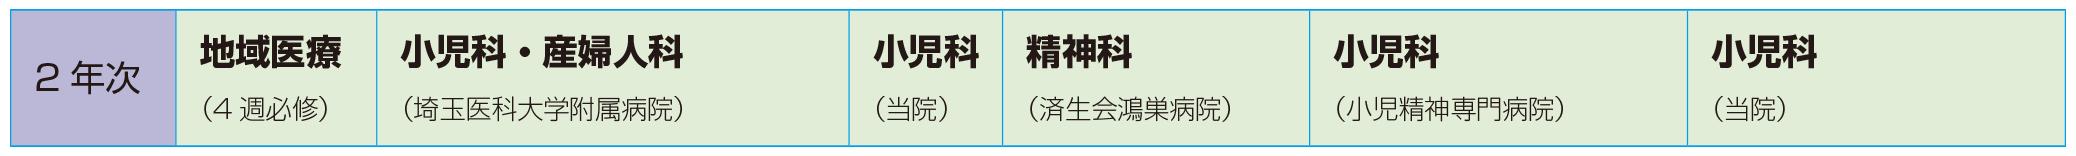 専門的なプログラムサンプルの表